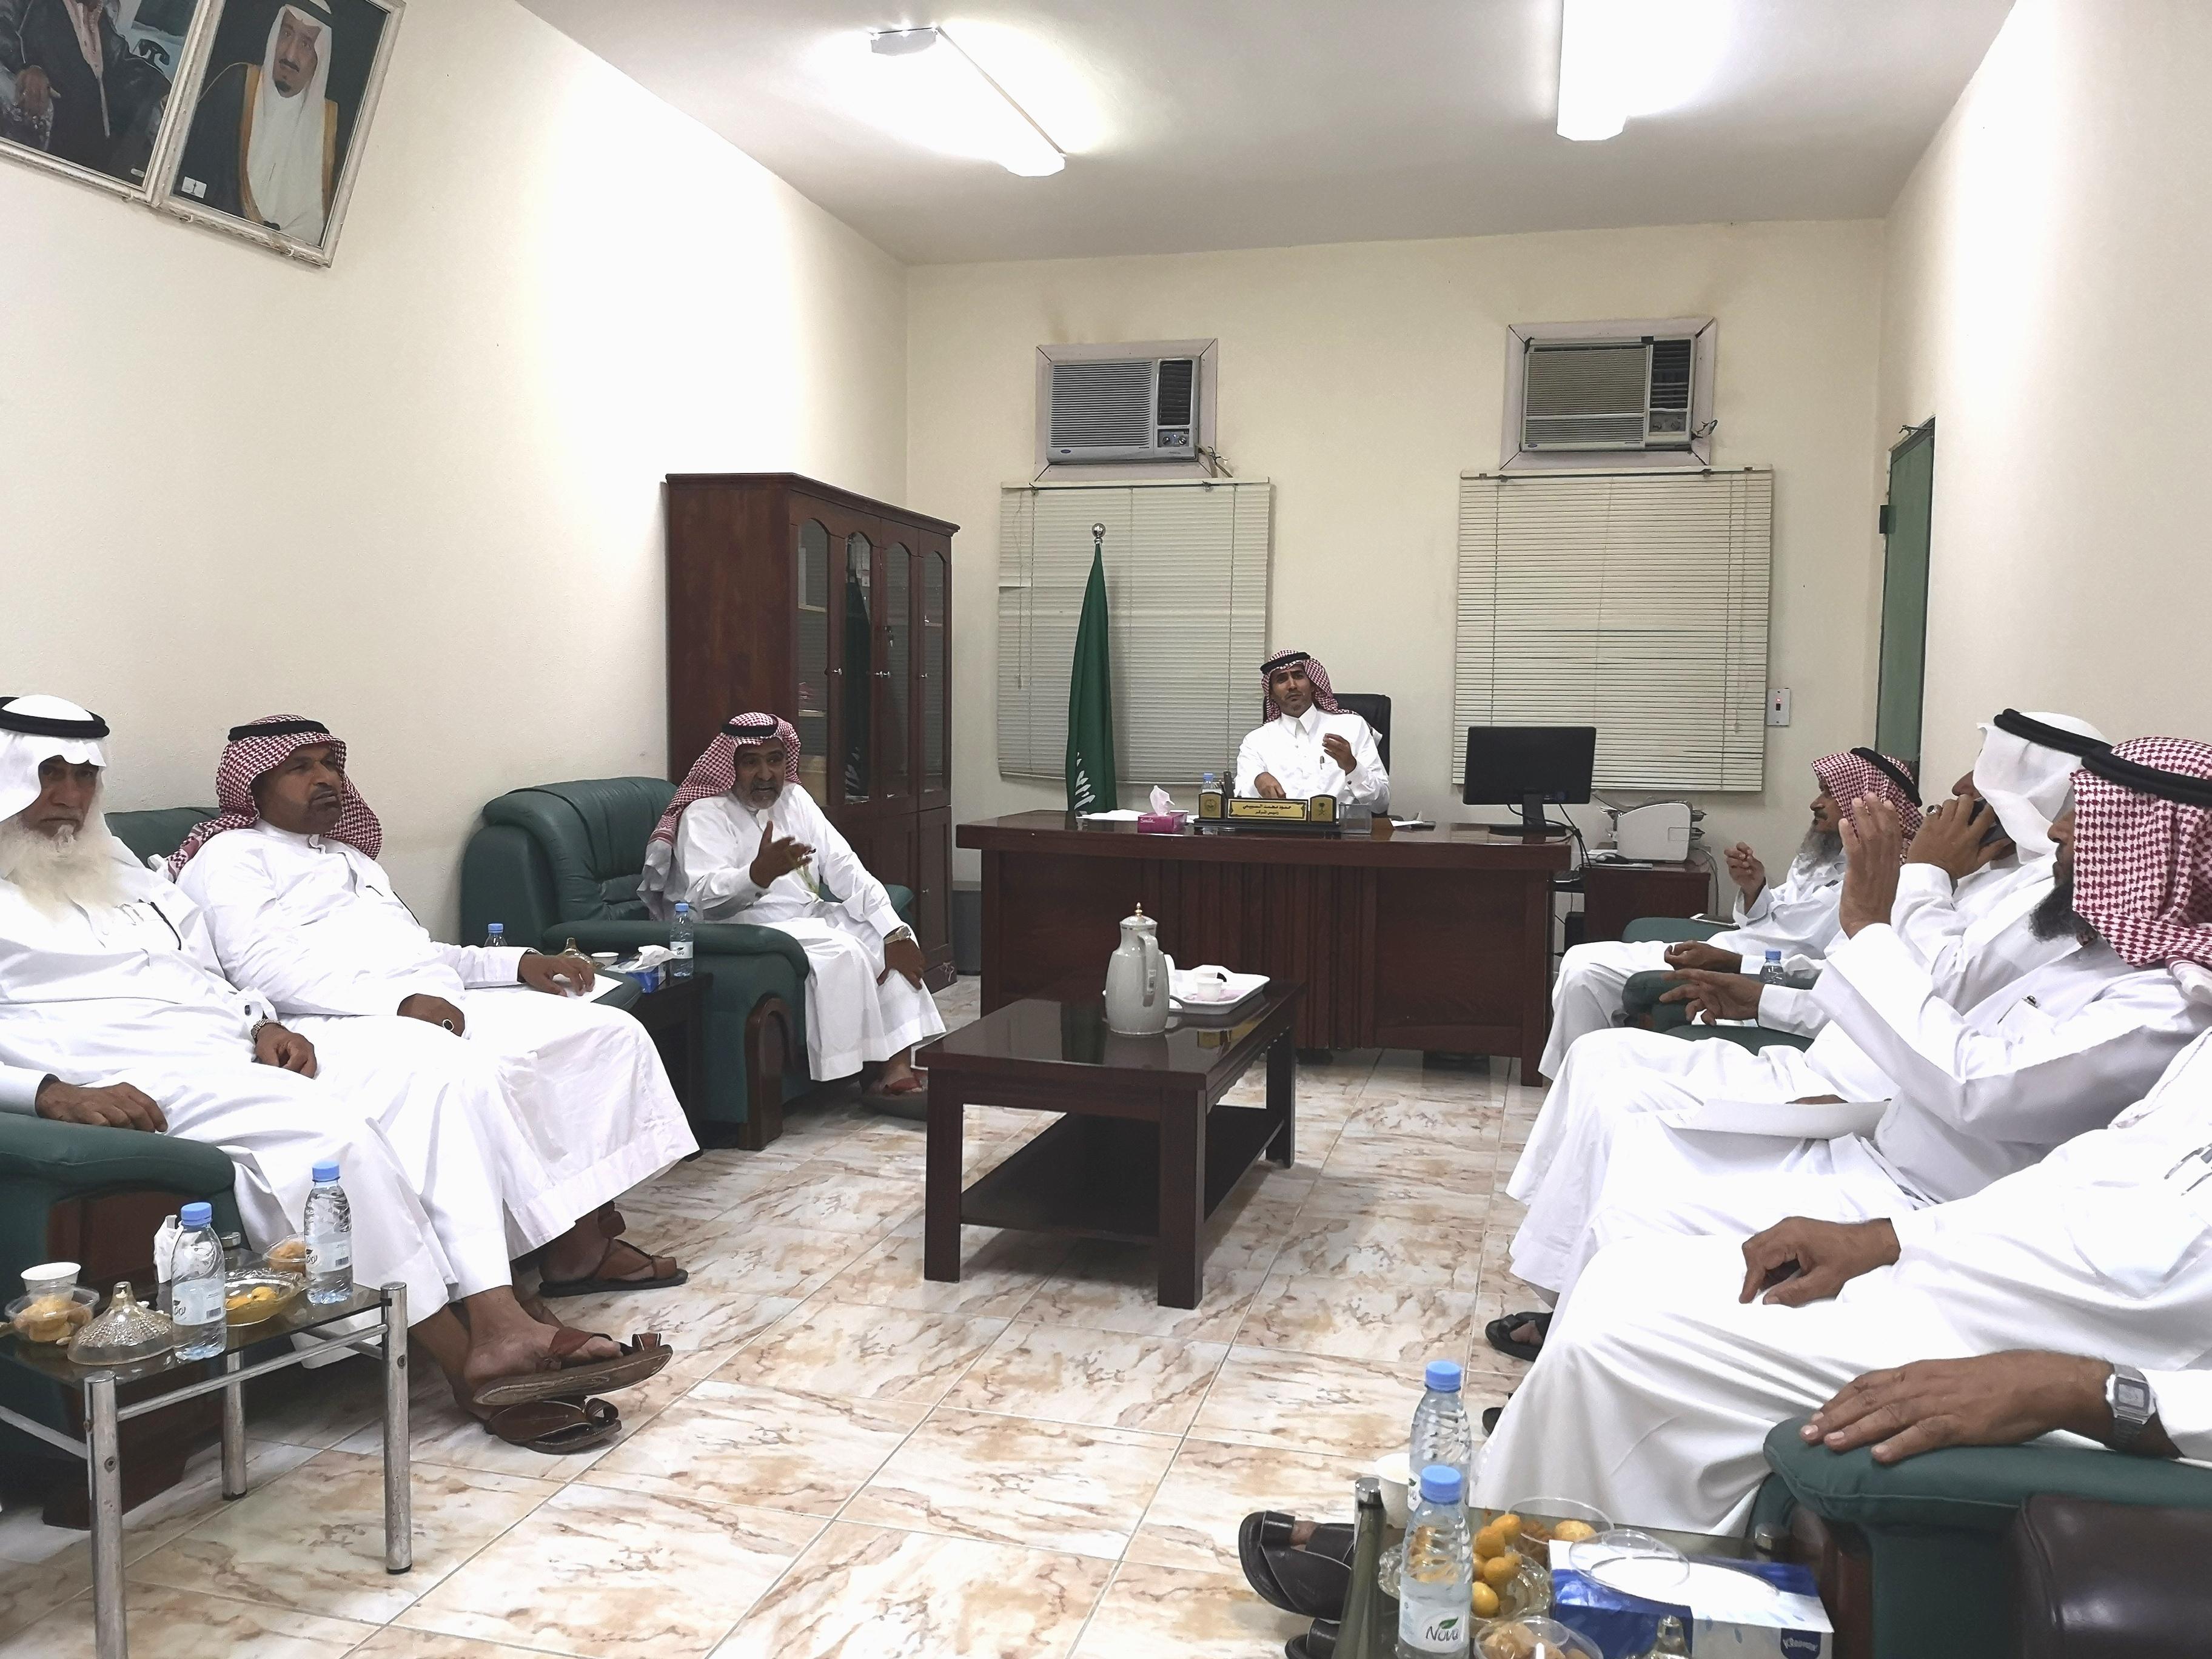 اجتماع أعضاء مجلس مركز وادي قديد لاختيار أعضاء للجنة إصلاح ذات البين